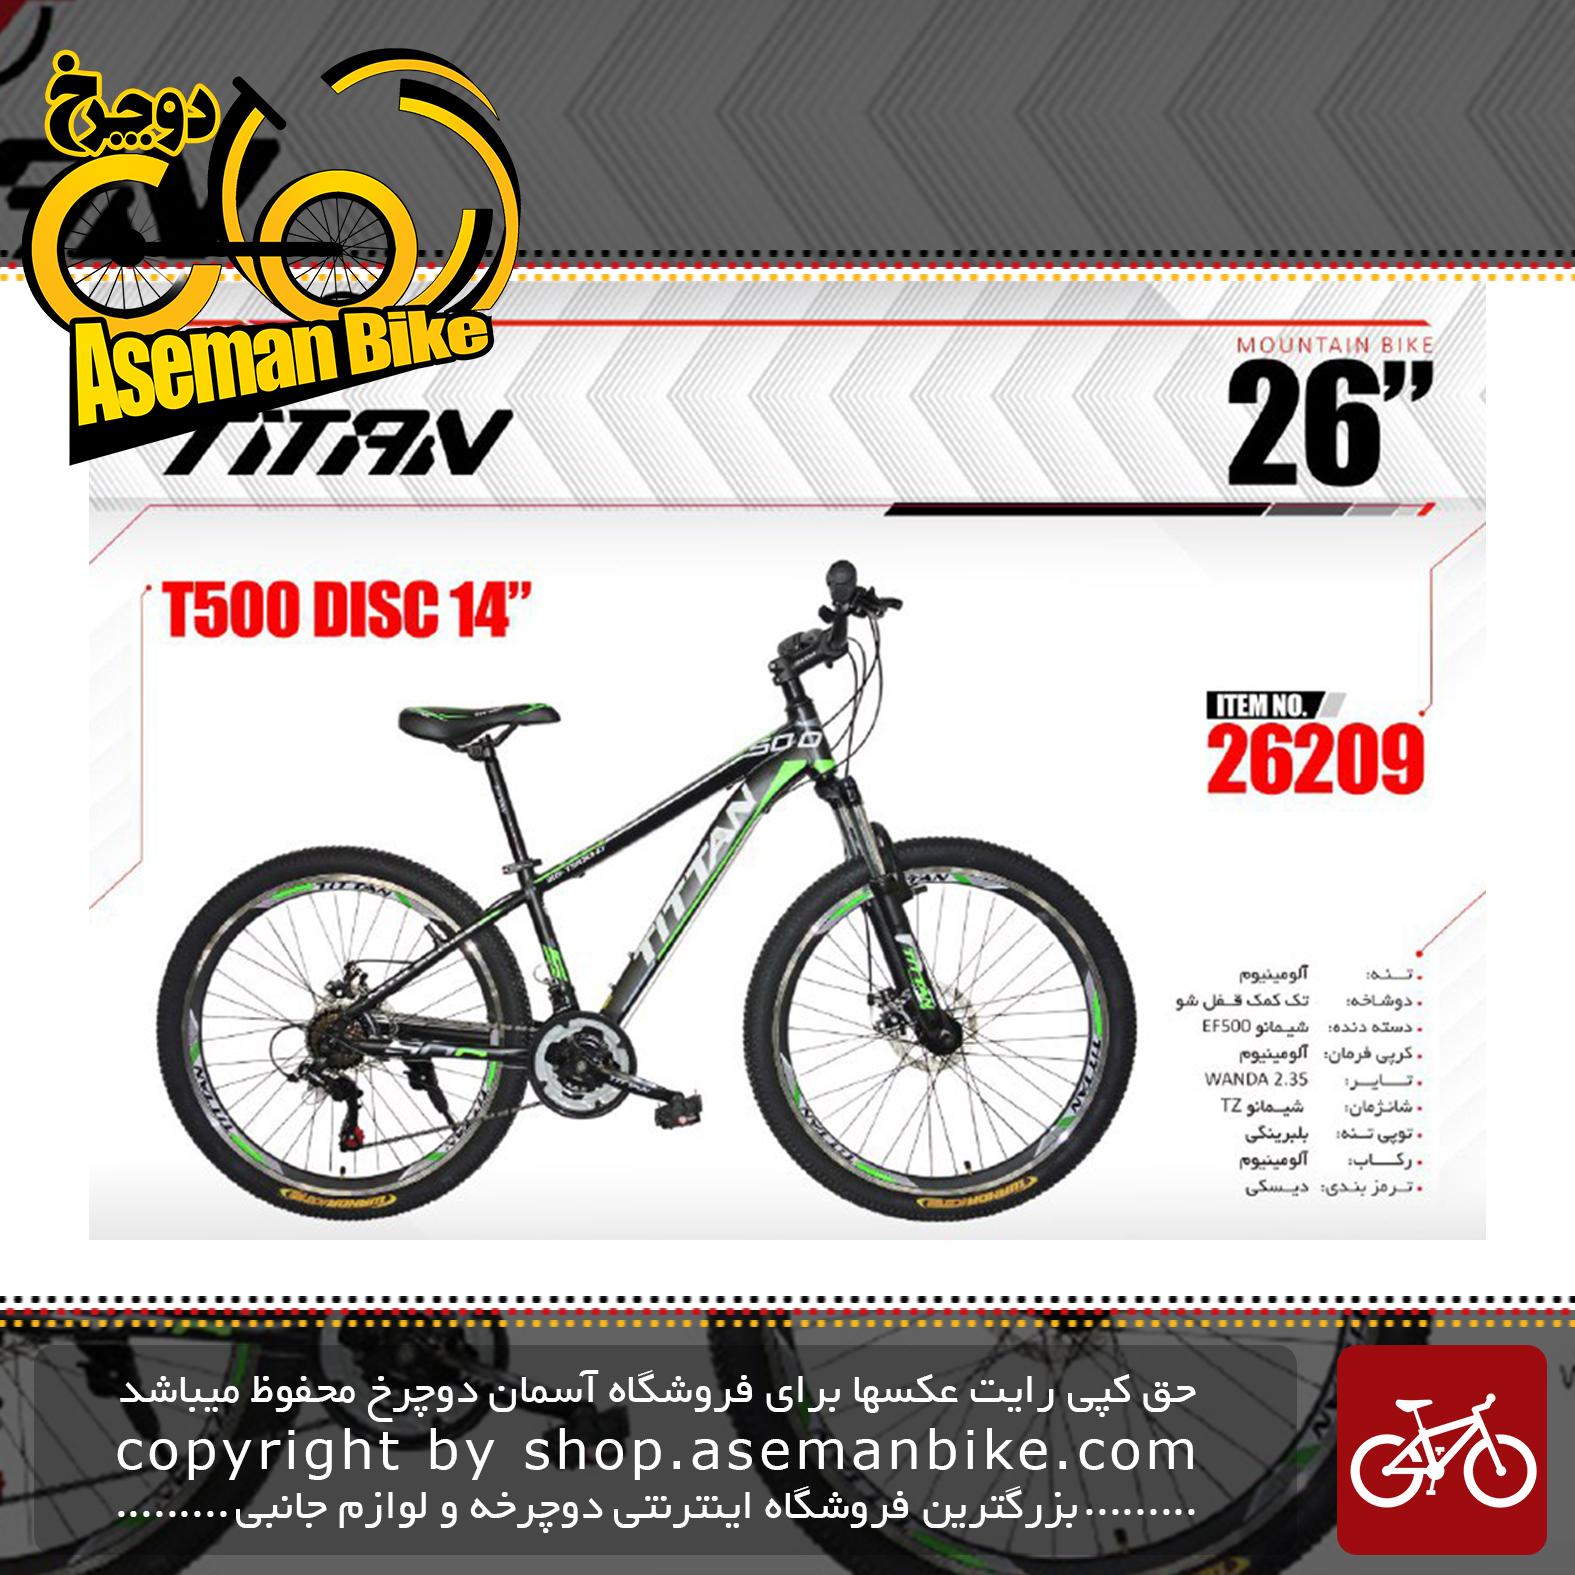 دوچرخه کوهستان تایتان سایز 26 مدل تی 500 دیسک 14 14 TITAN SIZE 26 T500 DISC